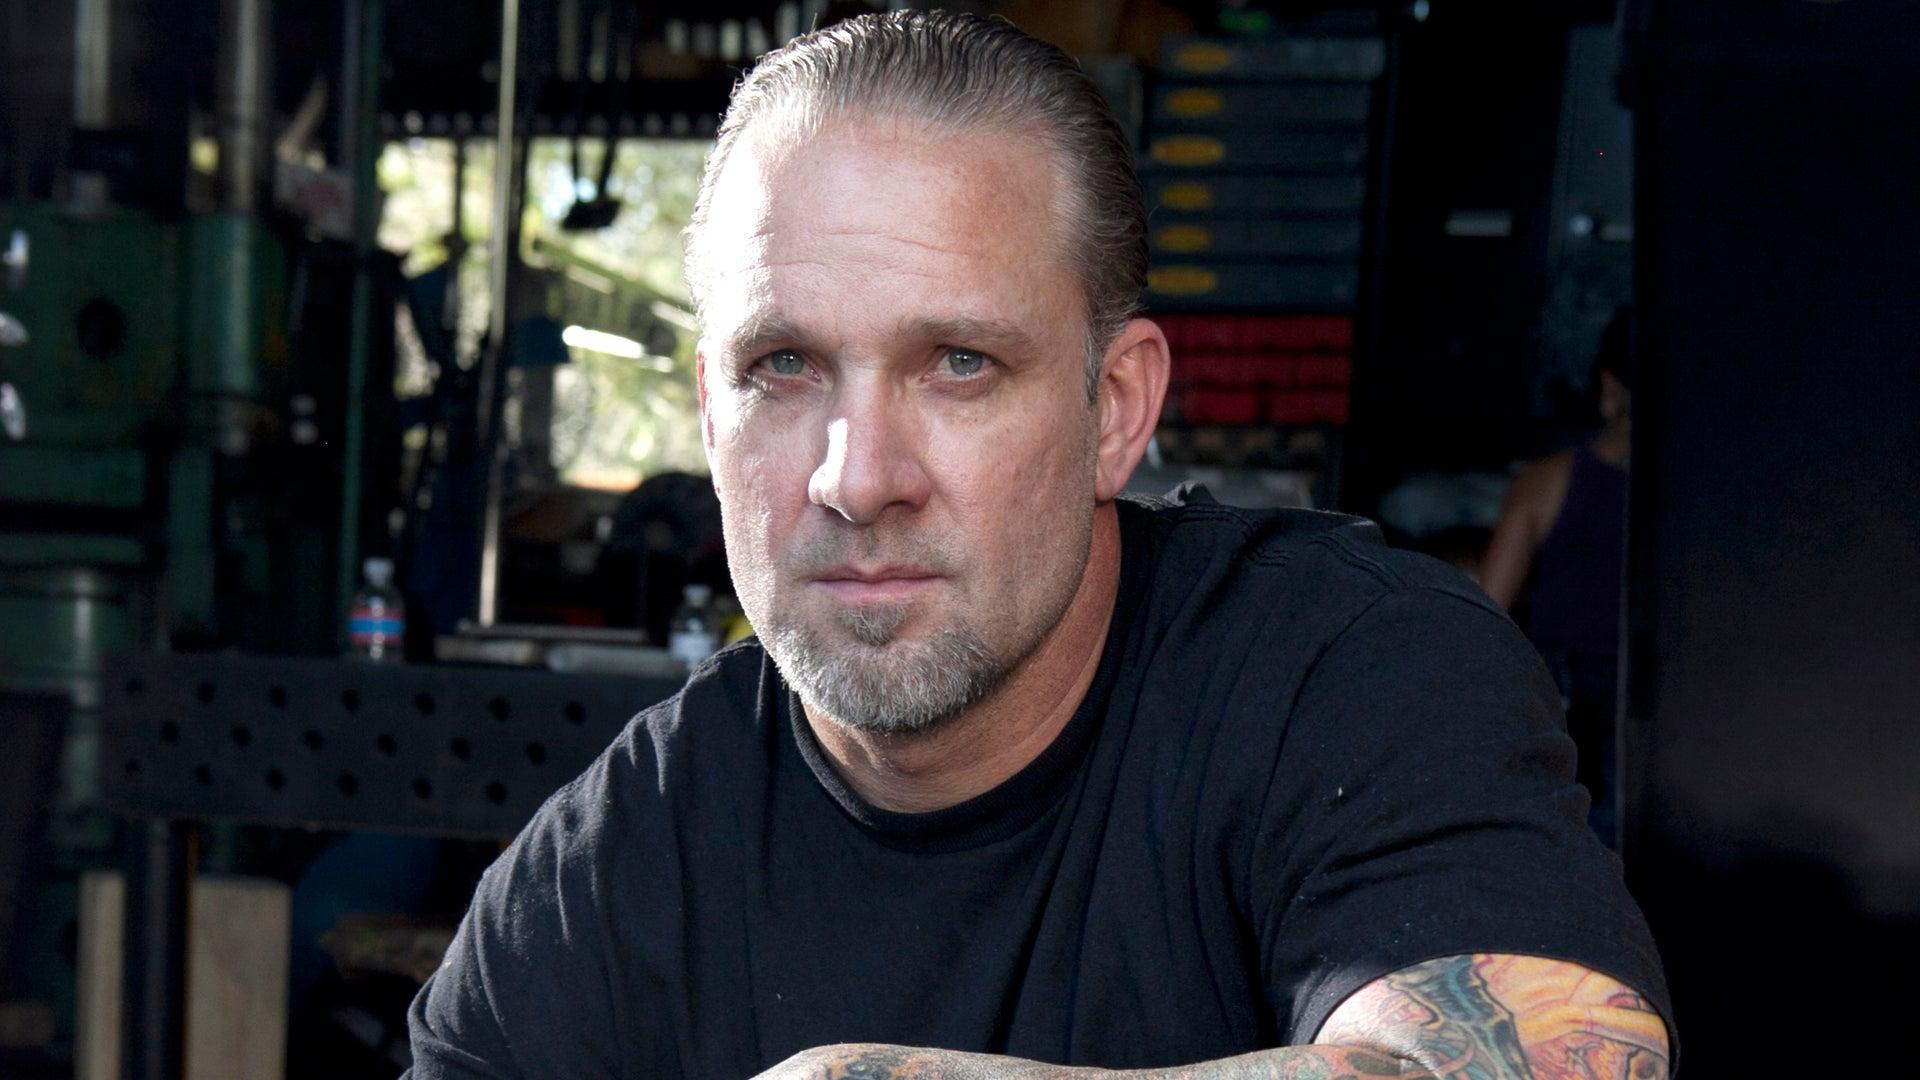 Jesse James: Outlaw Garage: Rebuilt